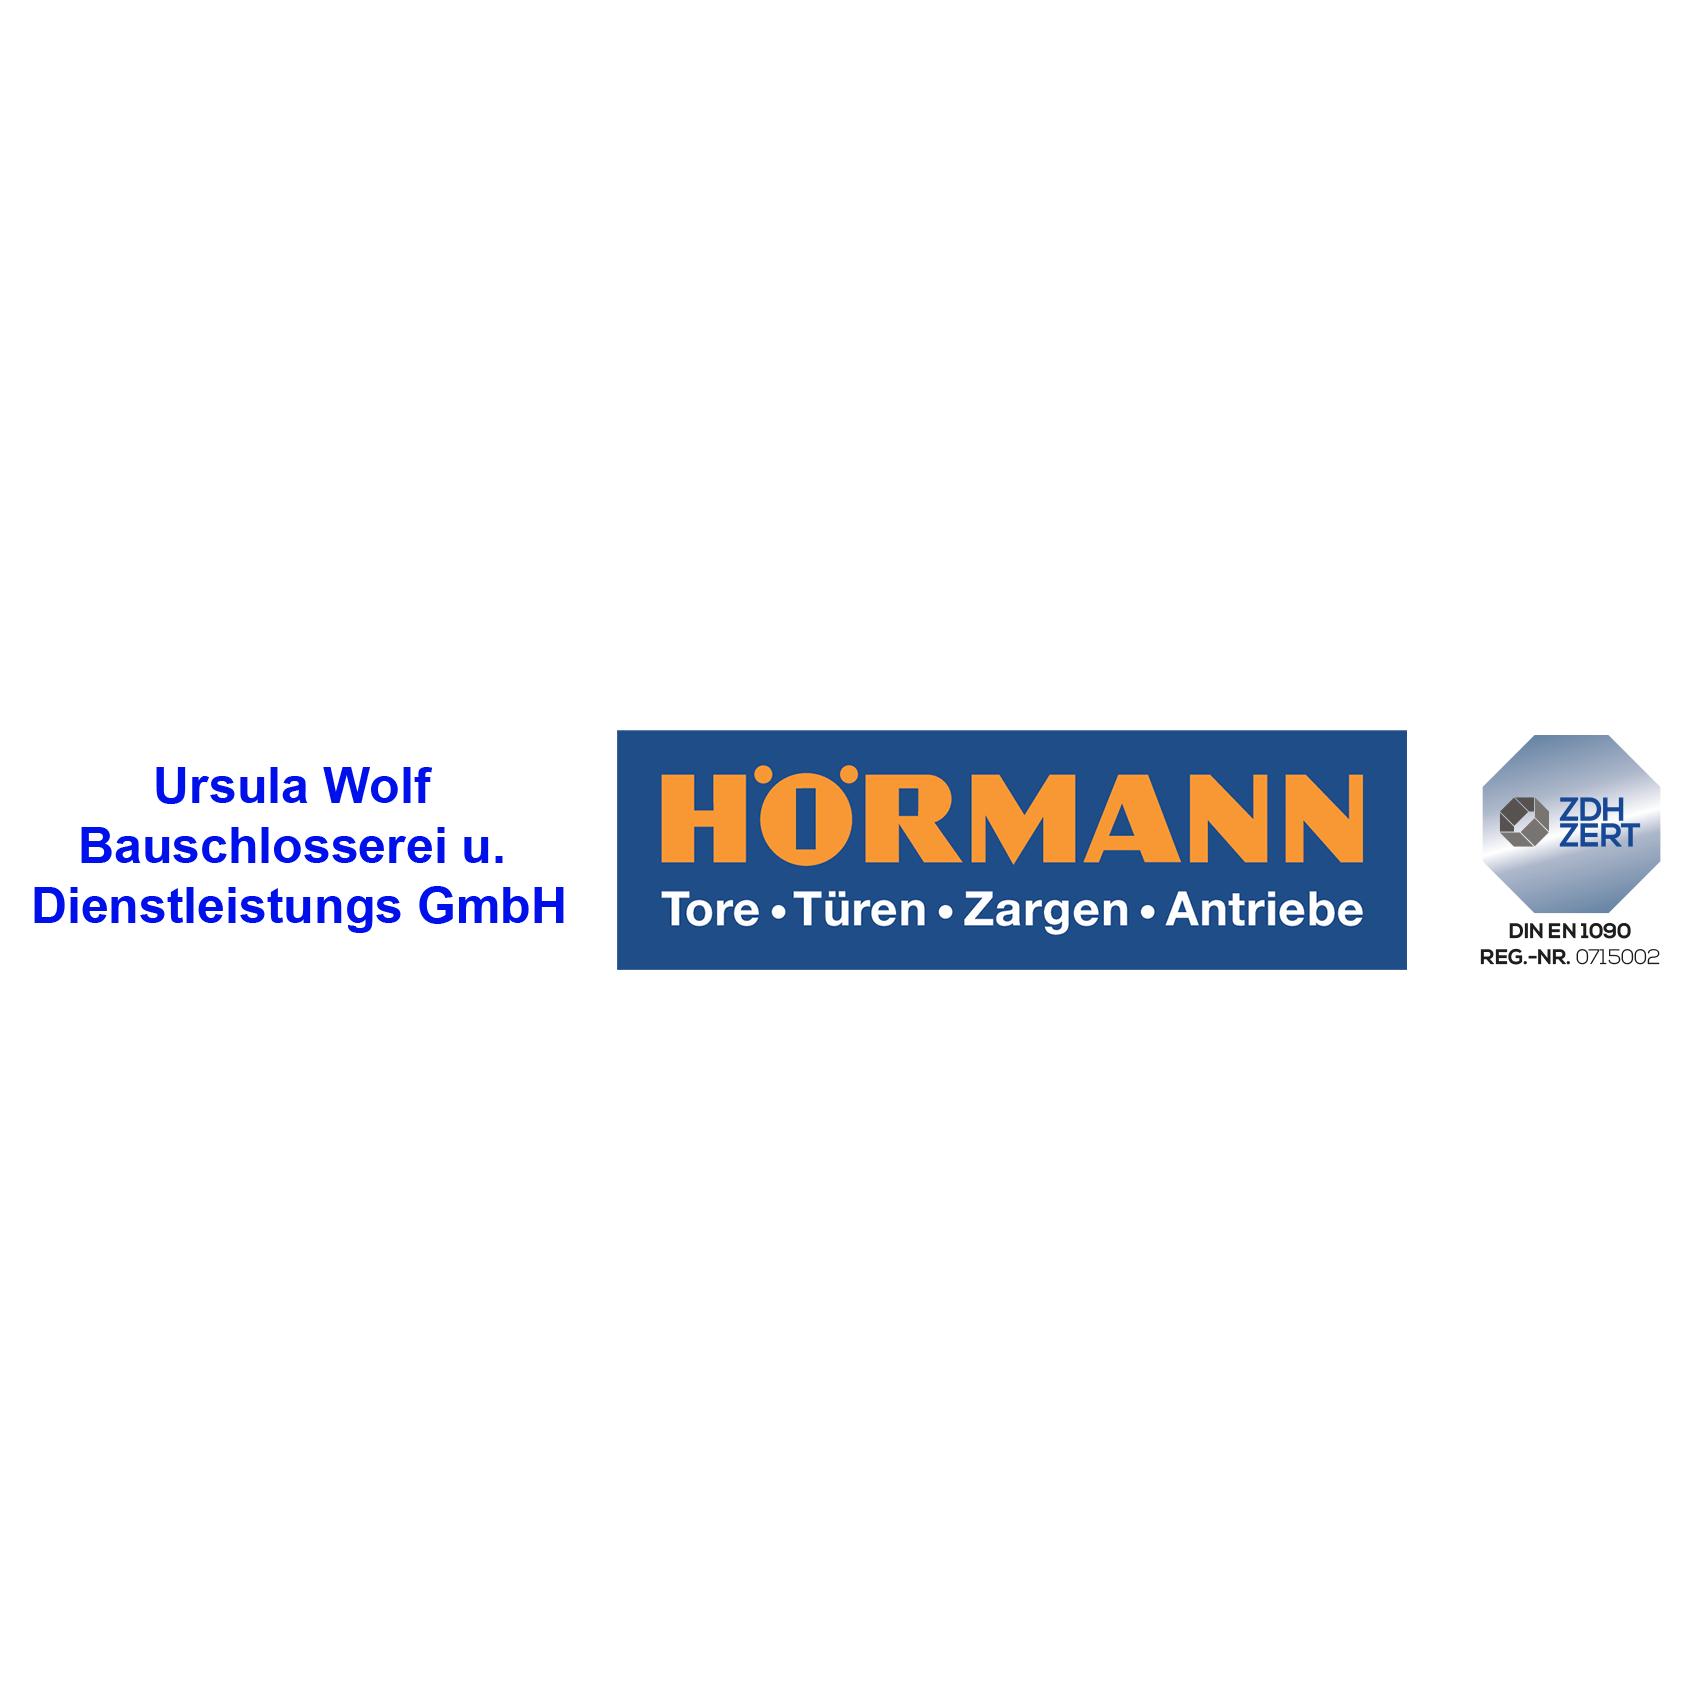 Ursula Wolf Bauschlosserei und Dienstleistungs GmbH